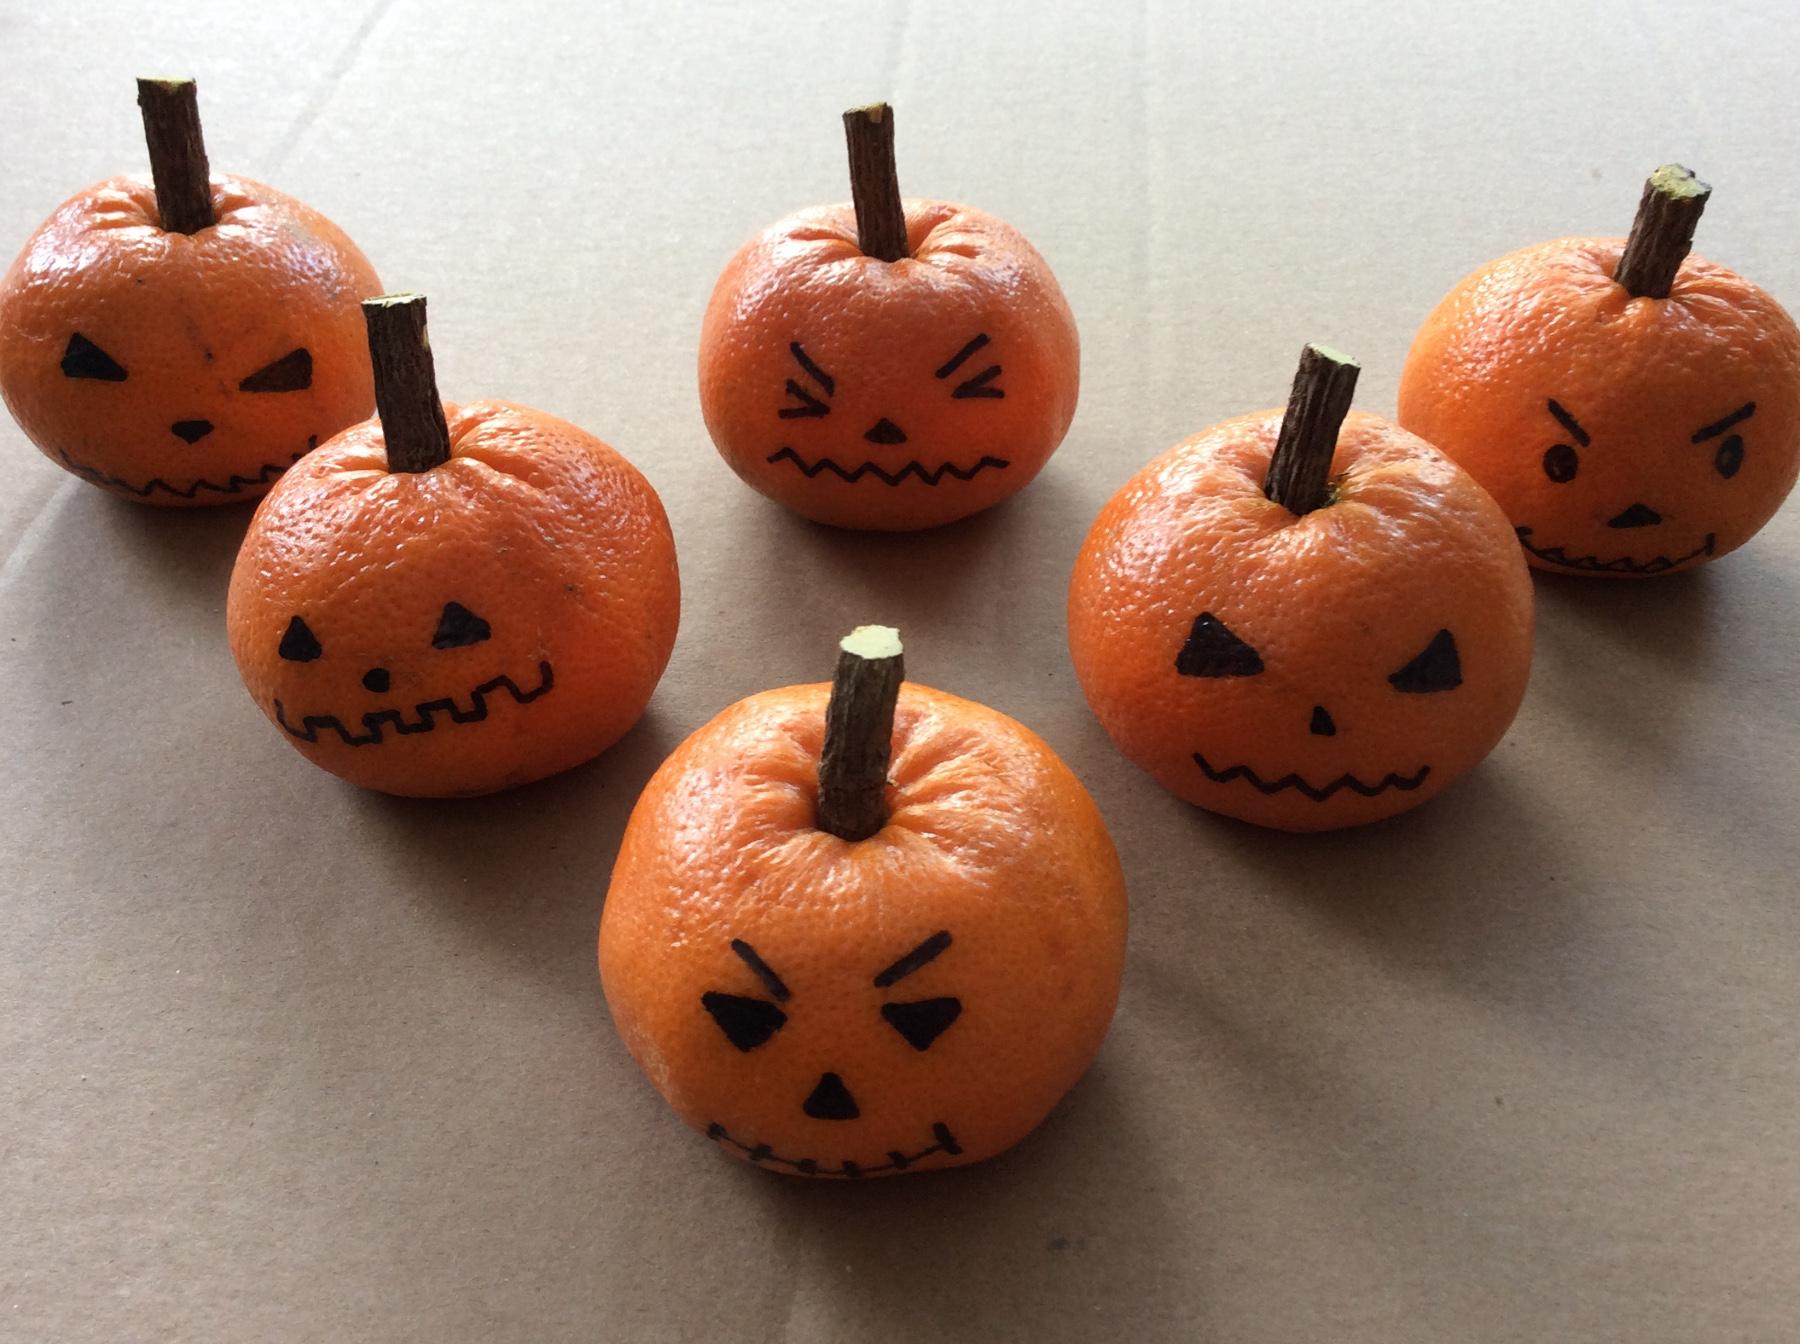 Halloween Traktatie.Snazzie Nl Knutselen Lezen Koken En Bakken Voor Groot En Klein Cooking Baking Halloween Treat